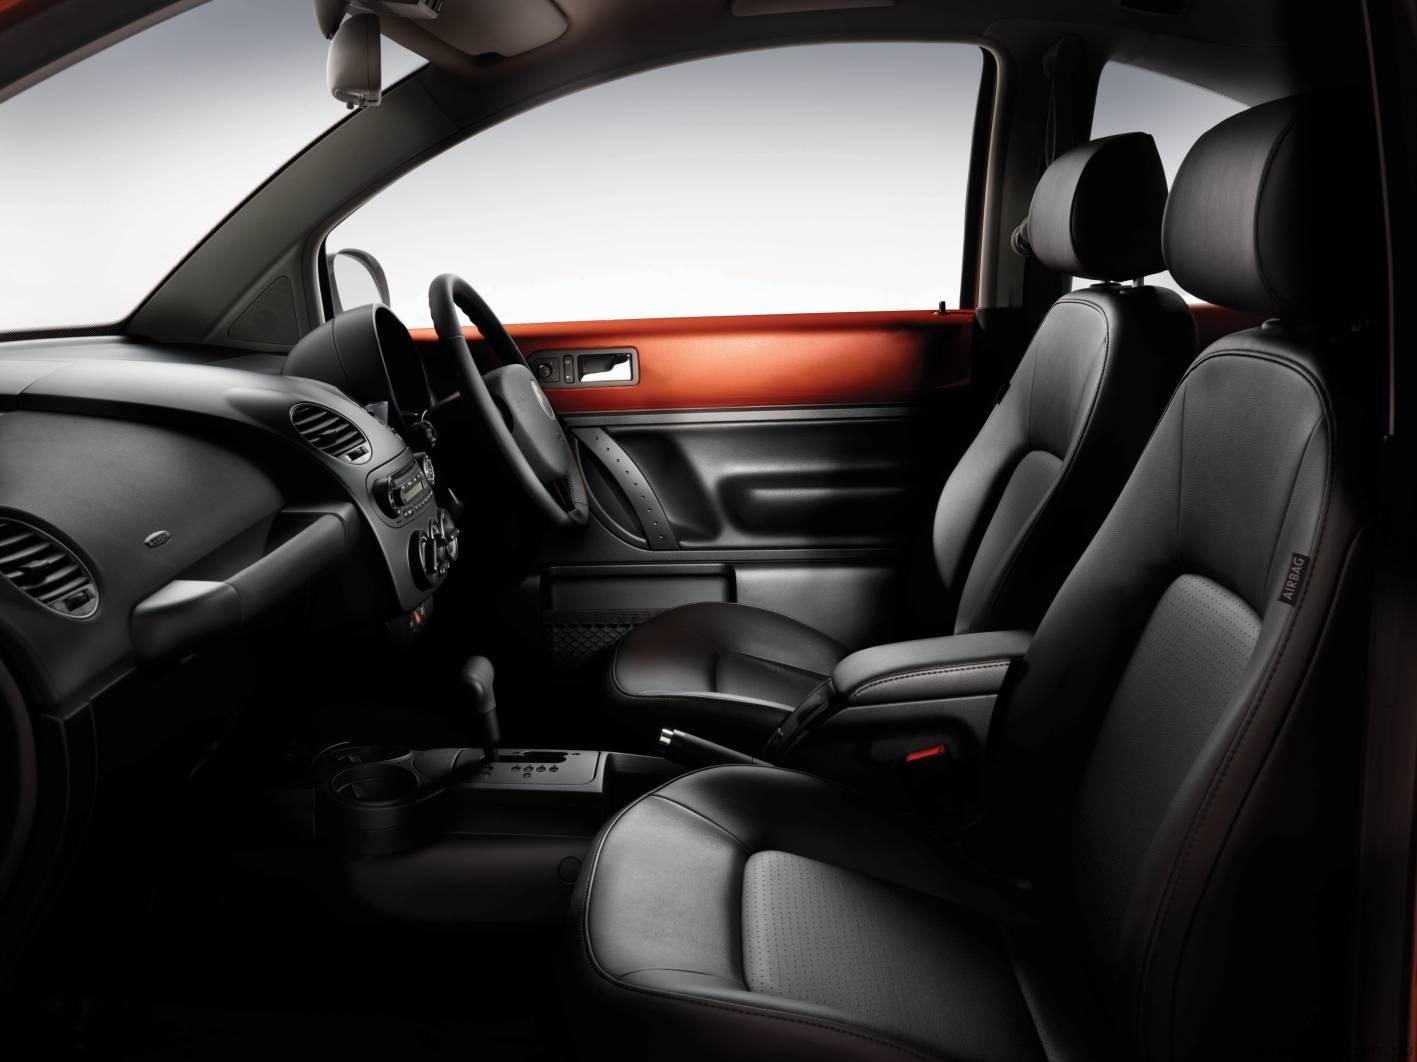 Volkswagen Beetle Blackorange Interior